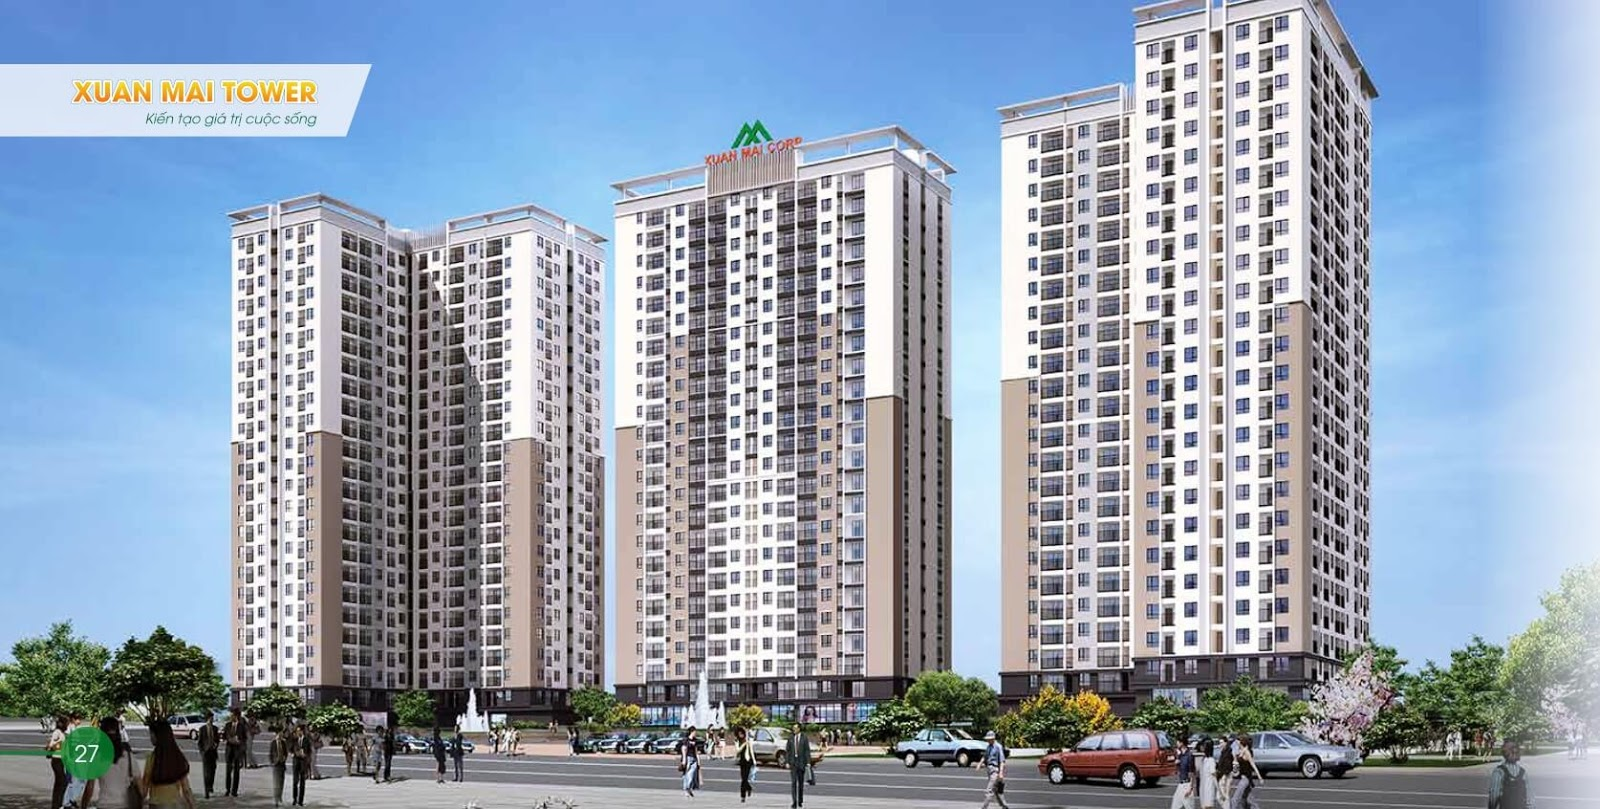 Xuân Mai Tower - Biểu tượng mới ngay giữa trung tâm Thành phố Thanh Hoá